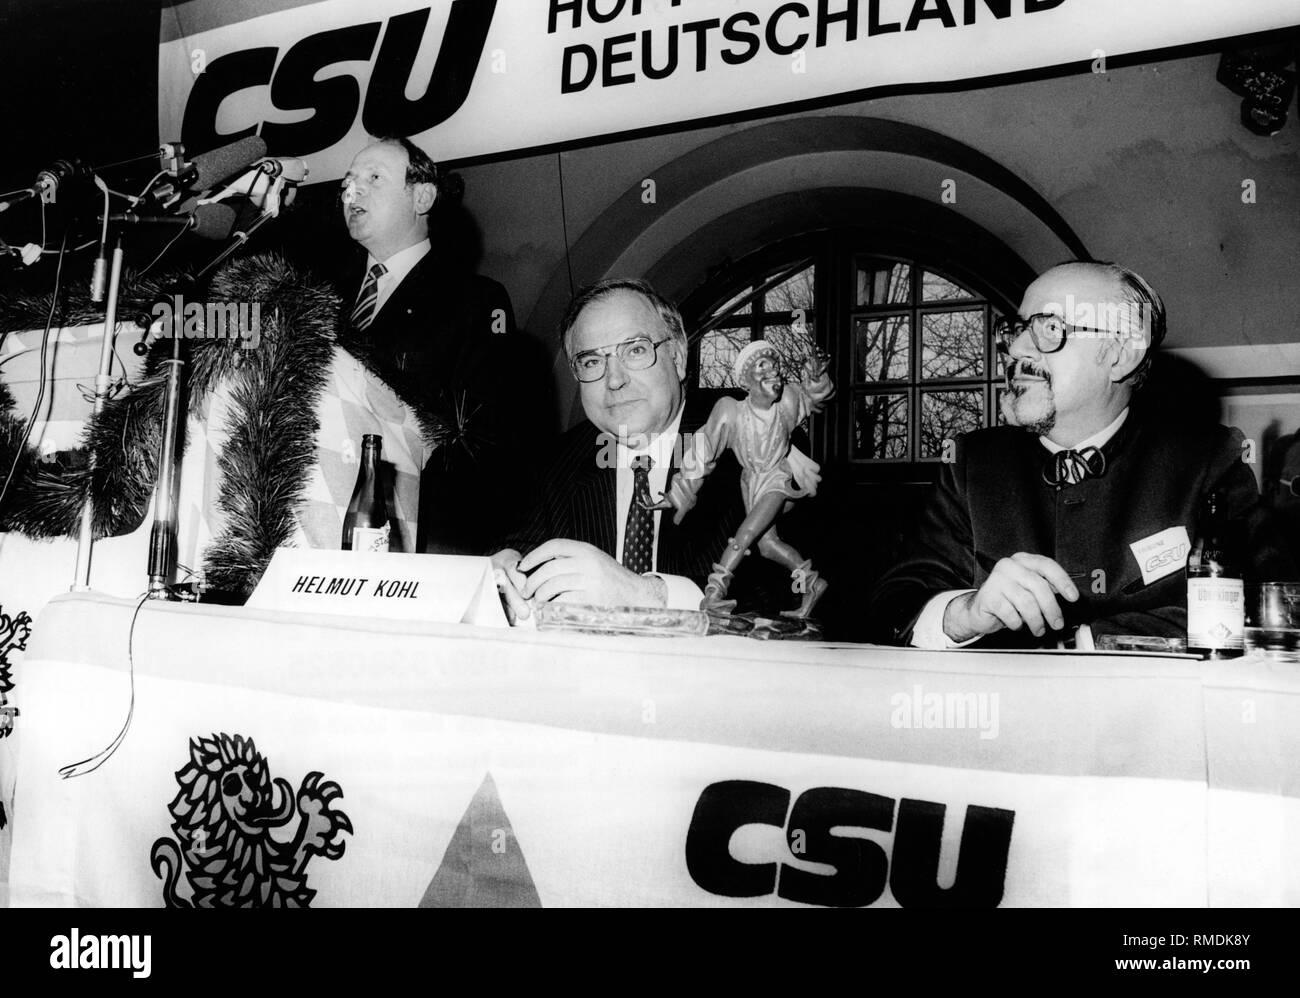 Il sindaco di Monaco di Baviera Erich Kiesl dà un discorso a un evento della campagna per le elezioni federali in Monaco di Baviera Salvatorkeller (Paulaner Am Nockherberg). A destra, il cancelliere federale Helmut Kohl e Hans Klein, Membro del Bundestag e addetto stampa della CSU, tra un ballerino Moresca, dono della città di Monaco di Baviera e il Cancelliere federale. Immagini Stock